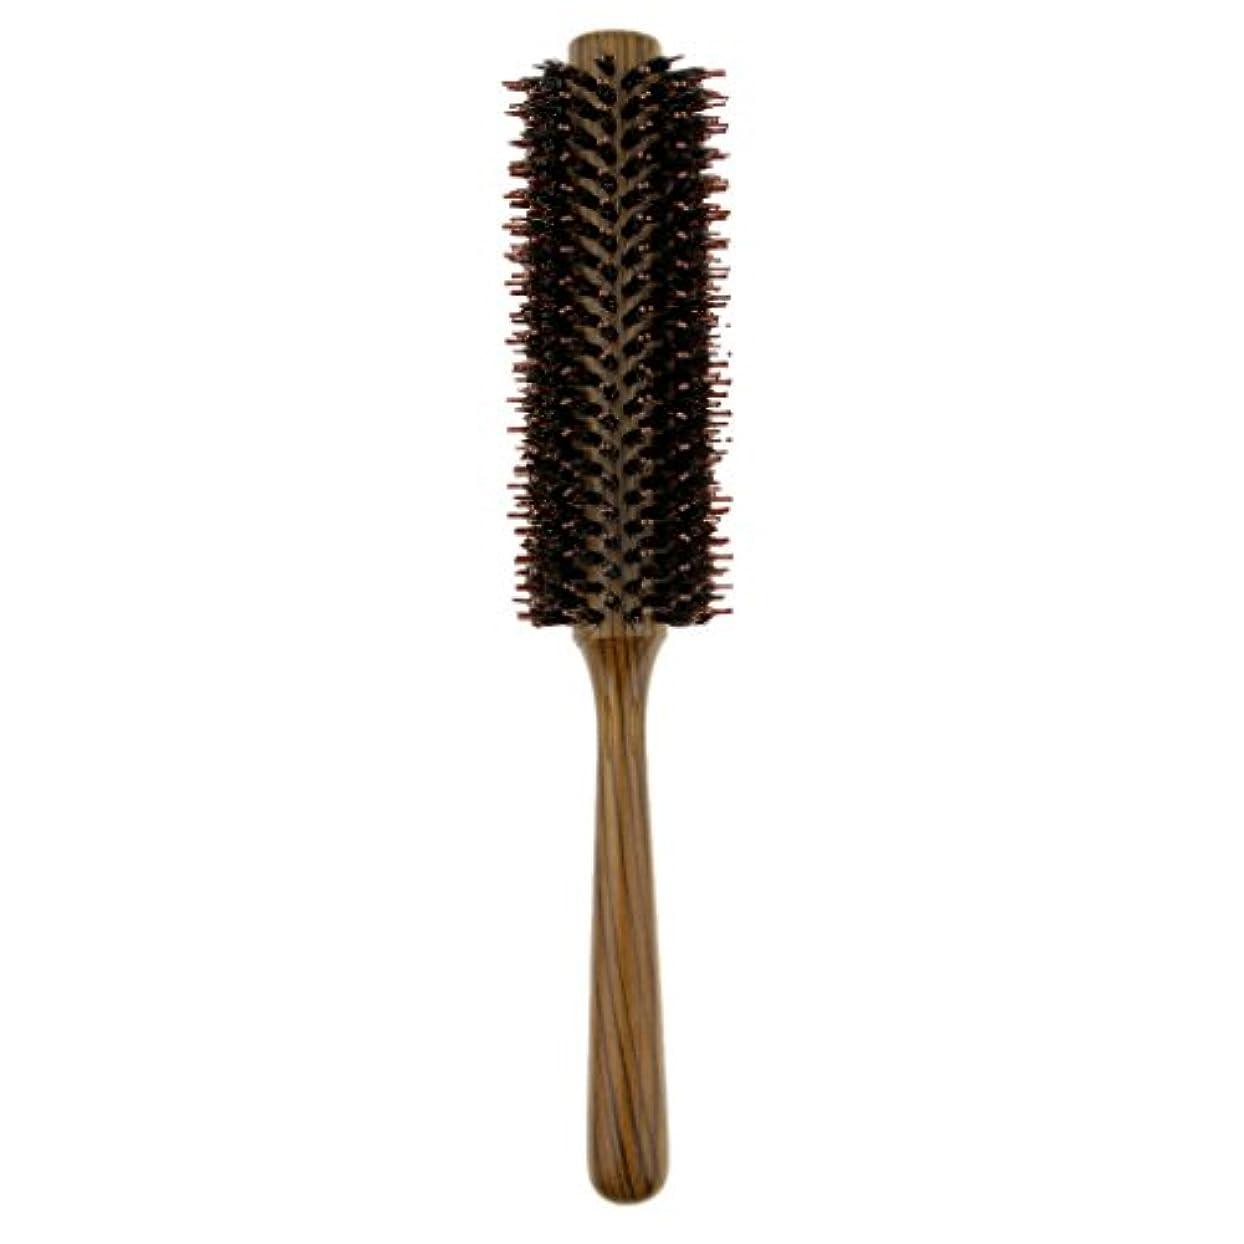 人工ナチュラル解体するToygogo ヘアブラシカーリングヘアラウンドブラシバレルヘアスタイリングコームヘアブラシ - L